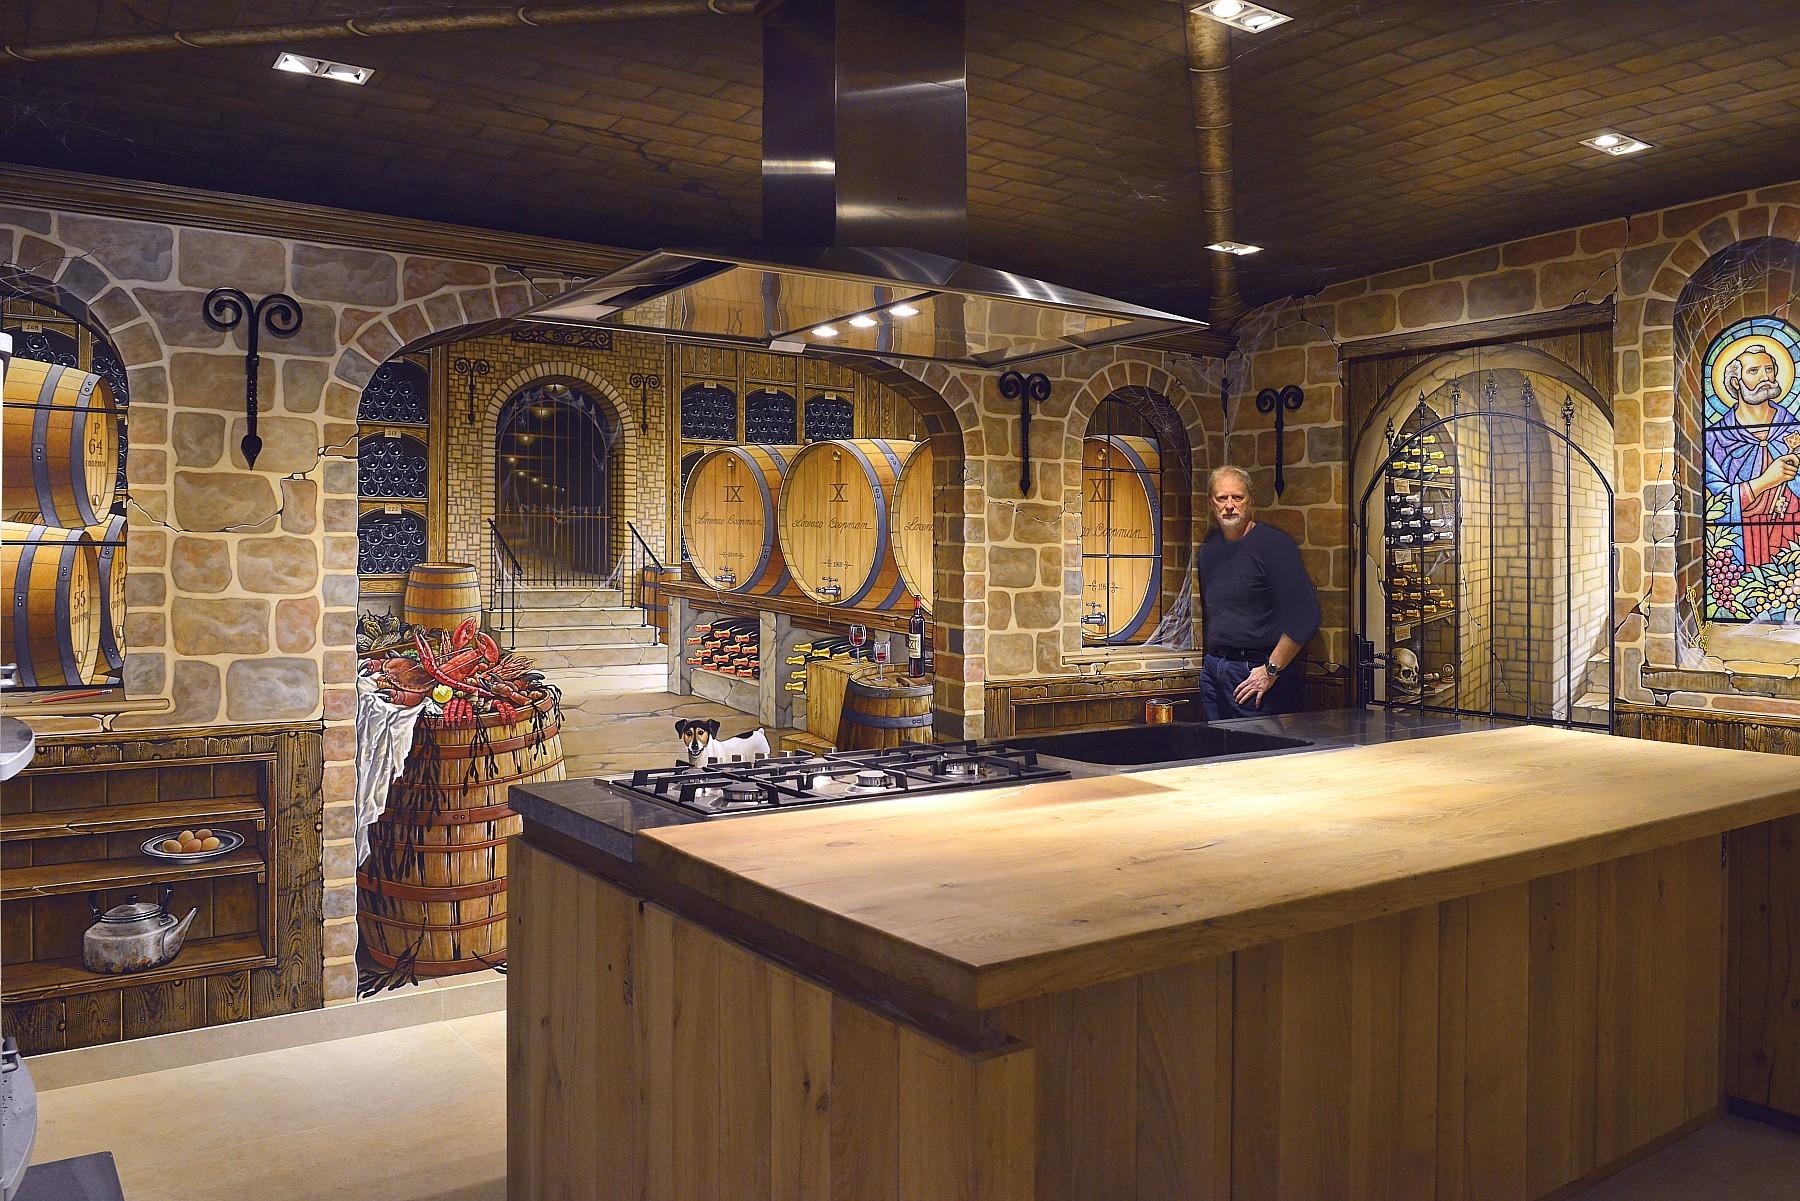 Muurschilderingen in een tot wijnkelder getransformeerde keuken